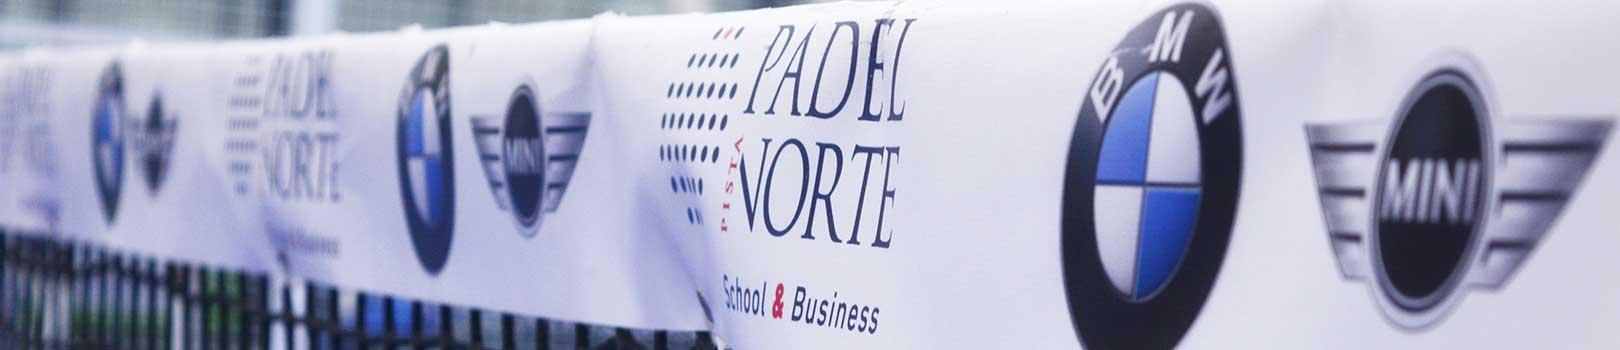 slide-instalaciones-padel-norte-01